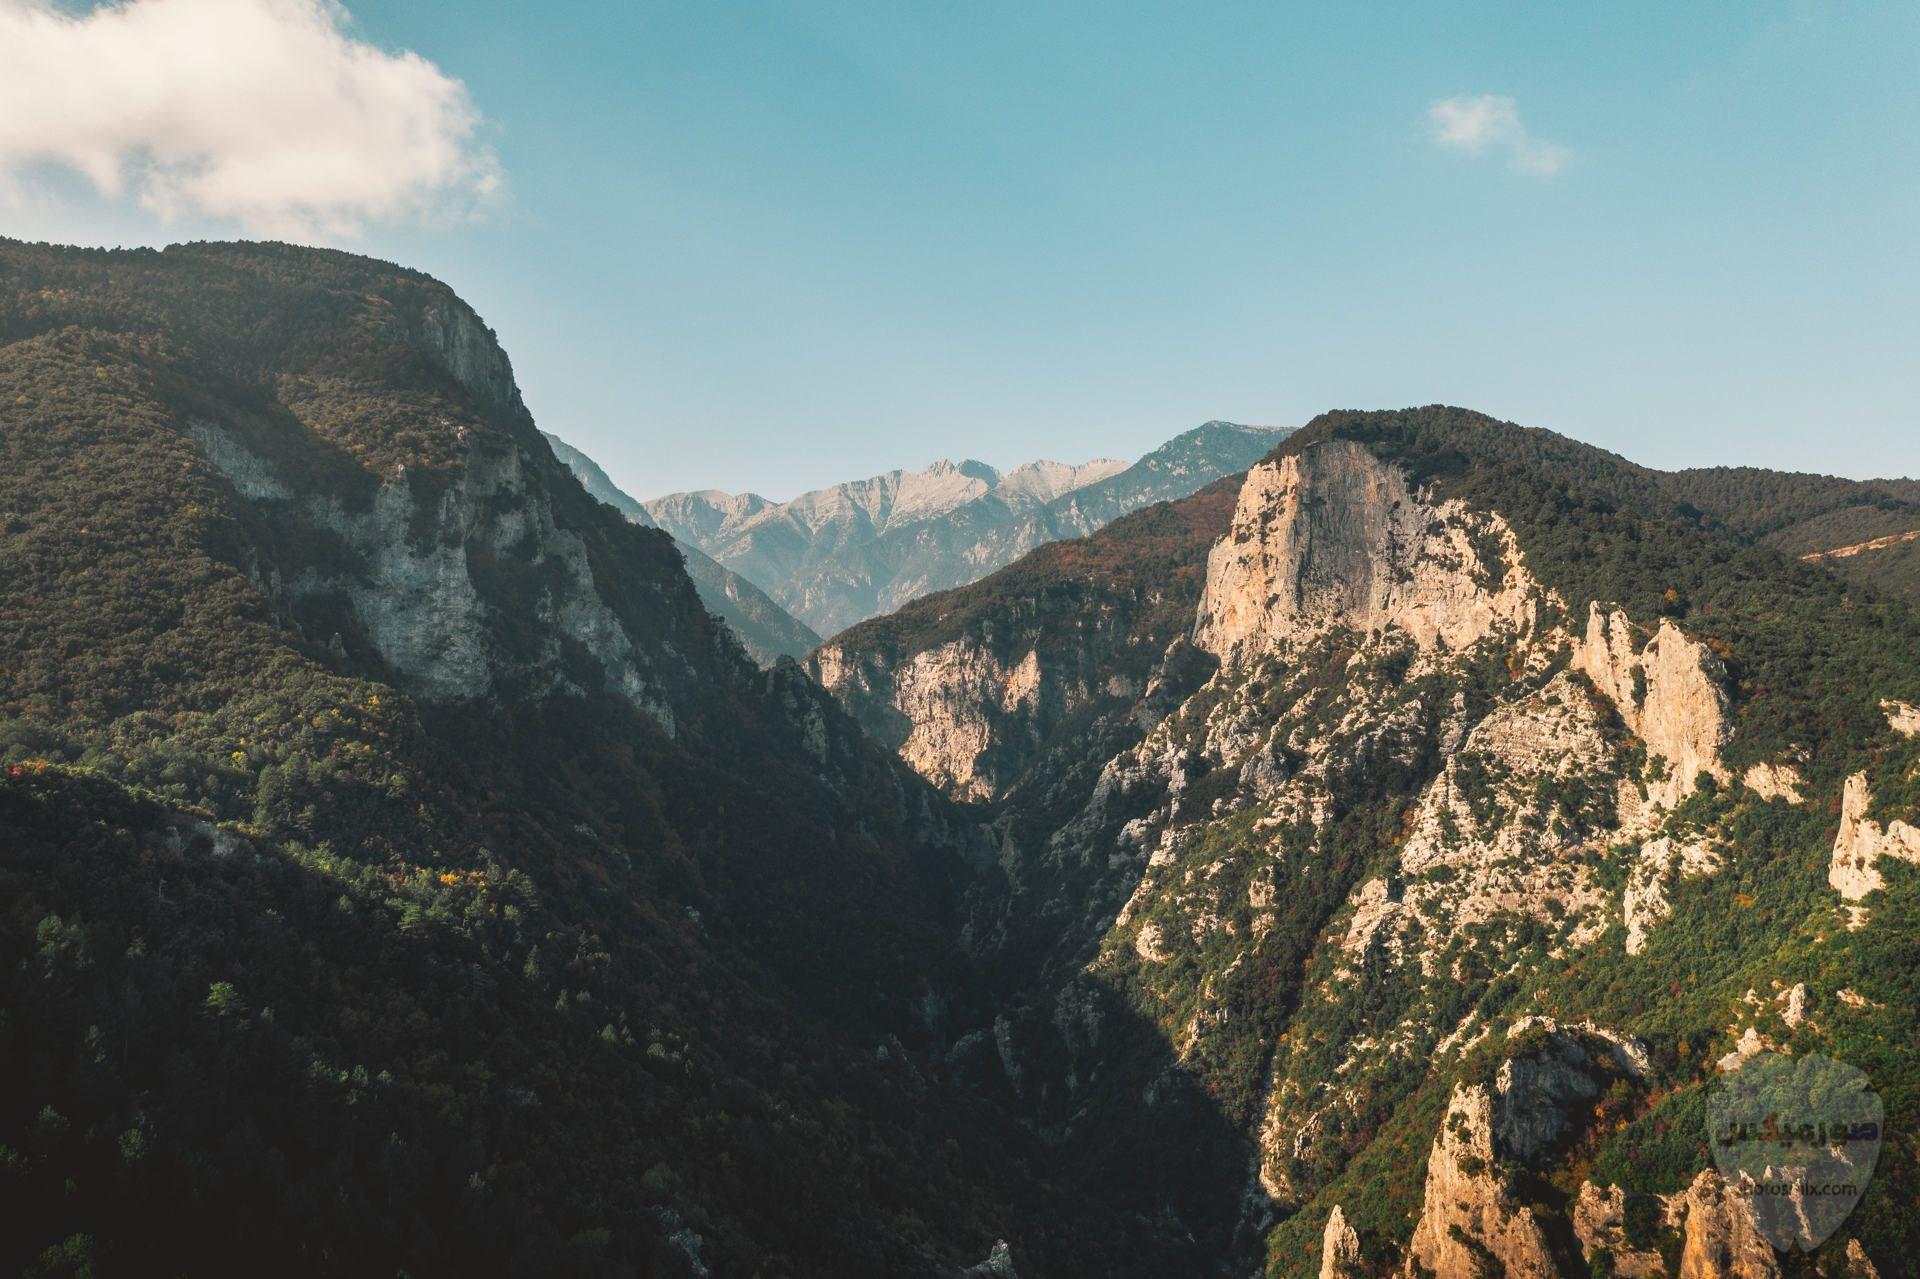 غروب هادئ الجبال والمياه تحميل PNG ، الغروب كن هادئا الجبل ناقلات الفنون ، ملفات PSD والخلفية 9